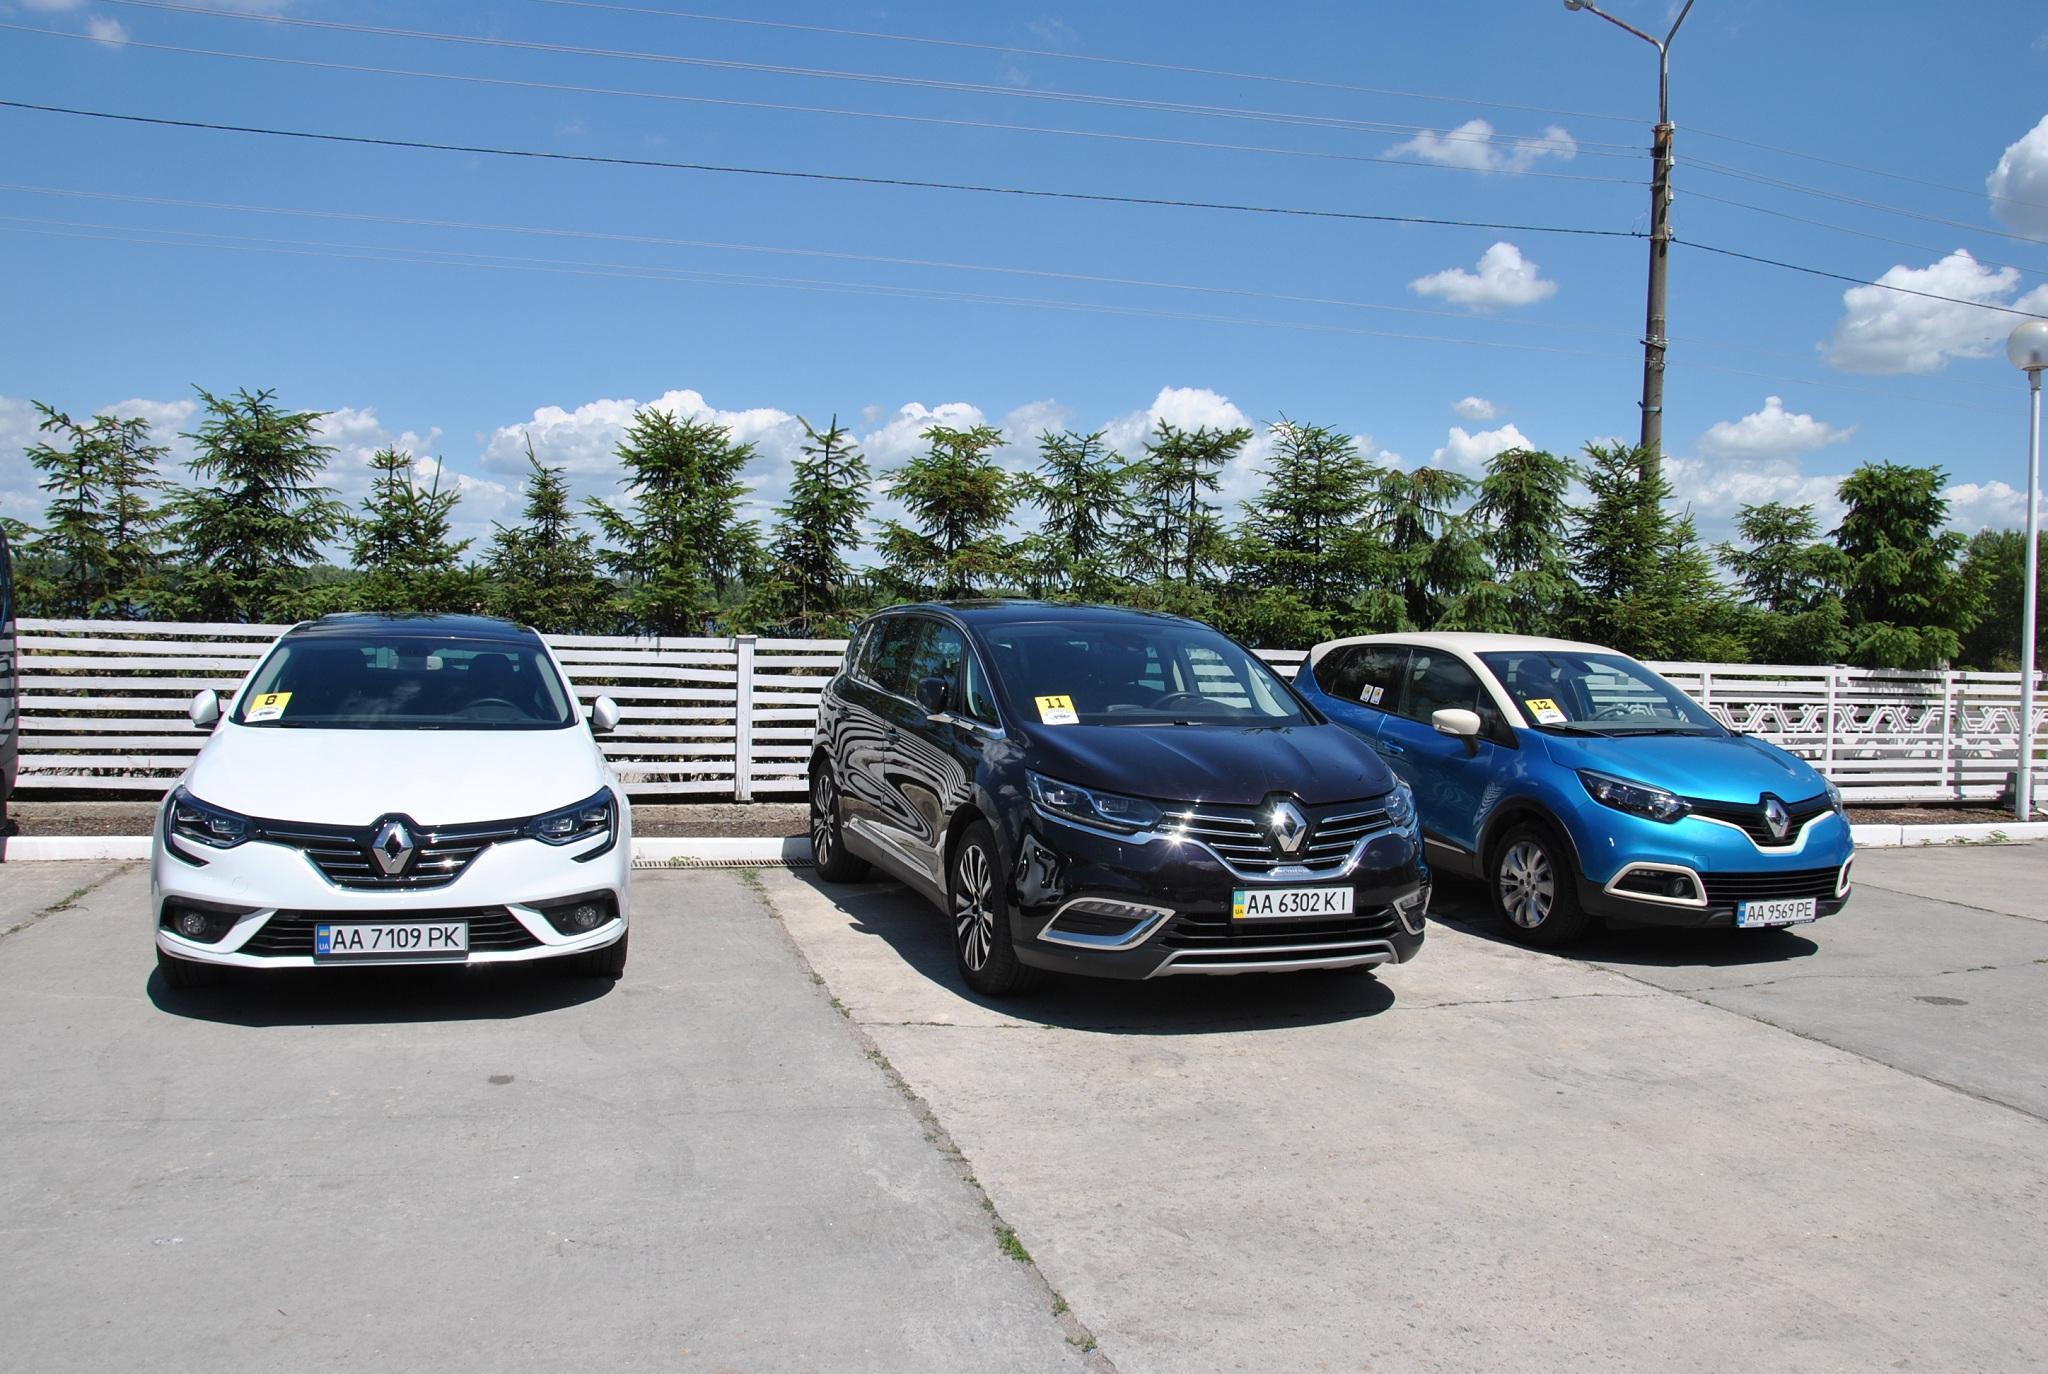 Renault ударила автопробегом по украинскому бездорожью, разгильдяйству и бюрократизму